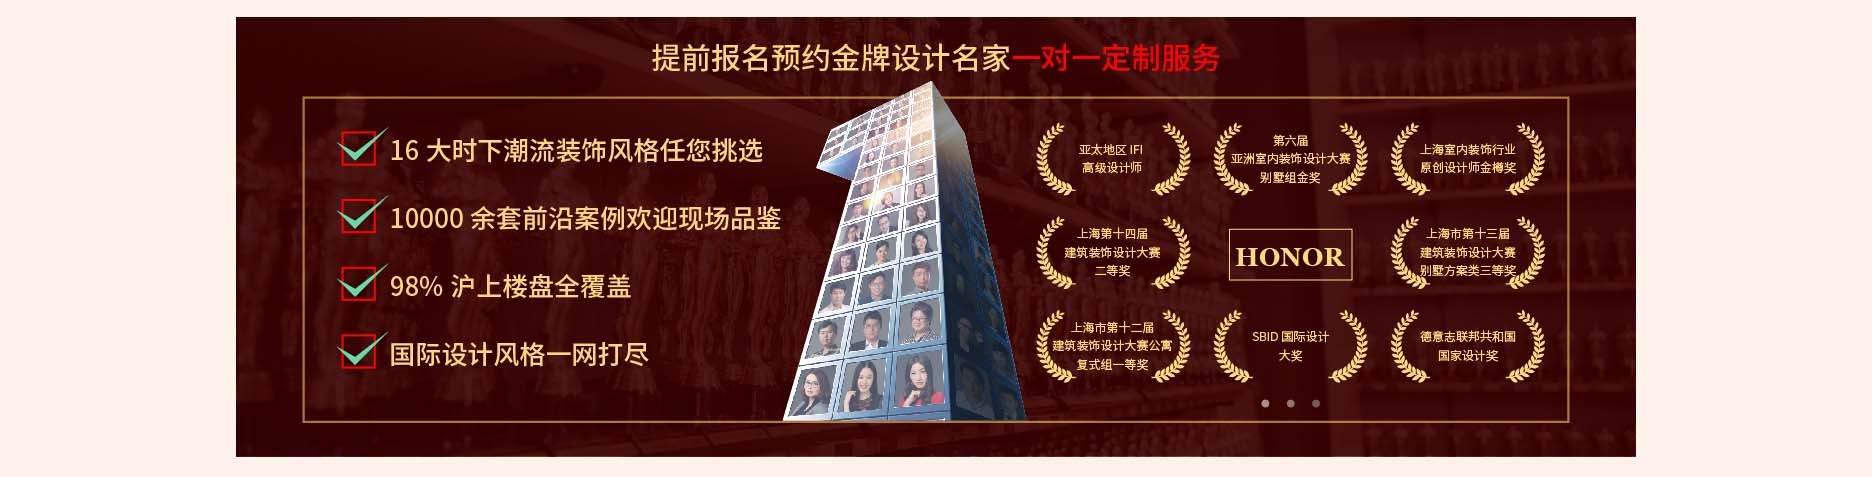 上海装修博览会2021特色3